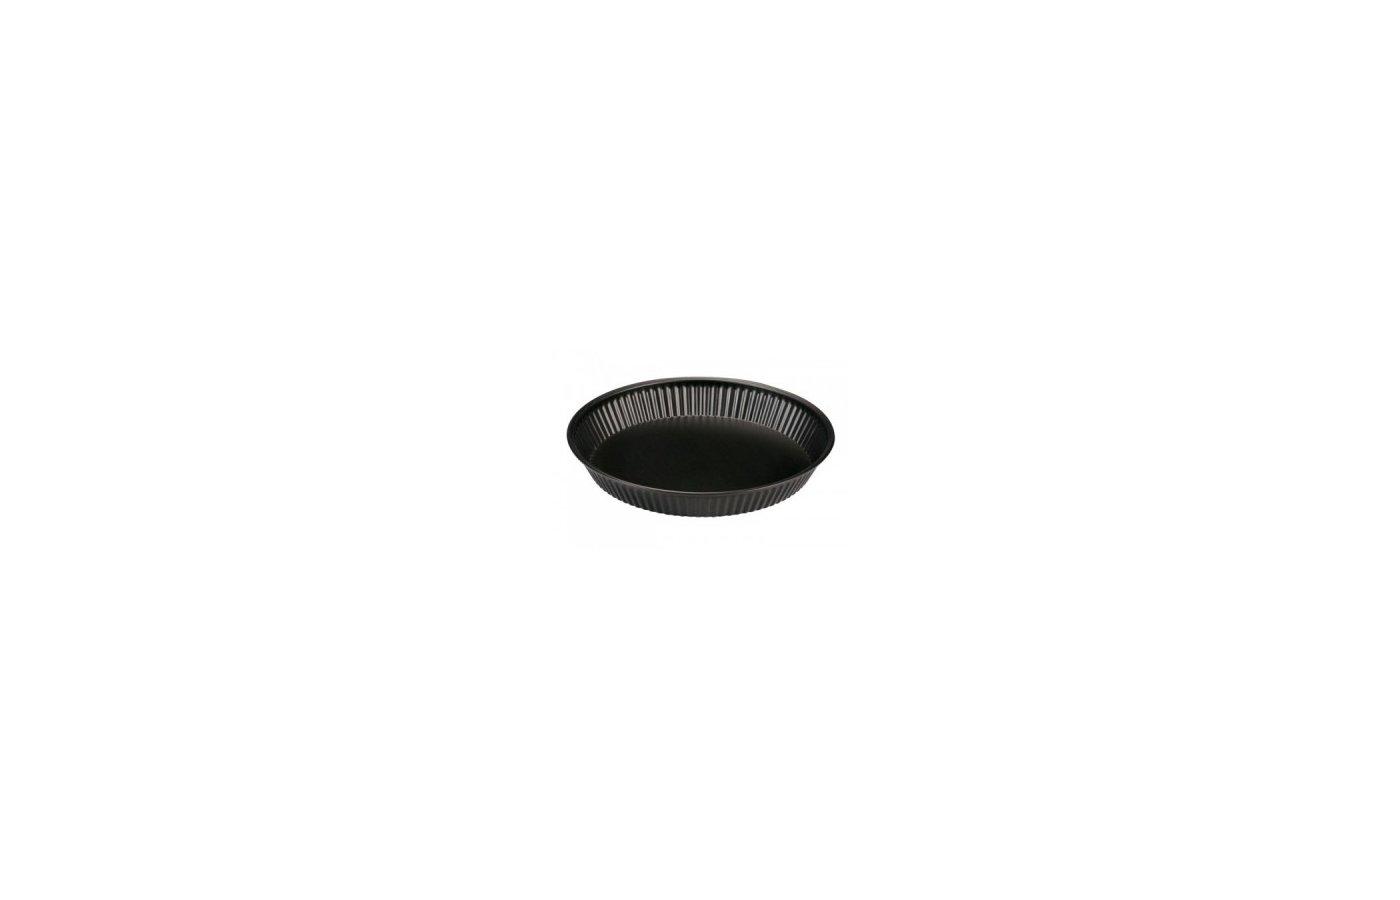 Форма для выпечки металлическая GUARDINI Arianna 56028 FLAN TIN Форма для выпекания 28 см